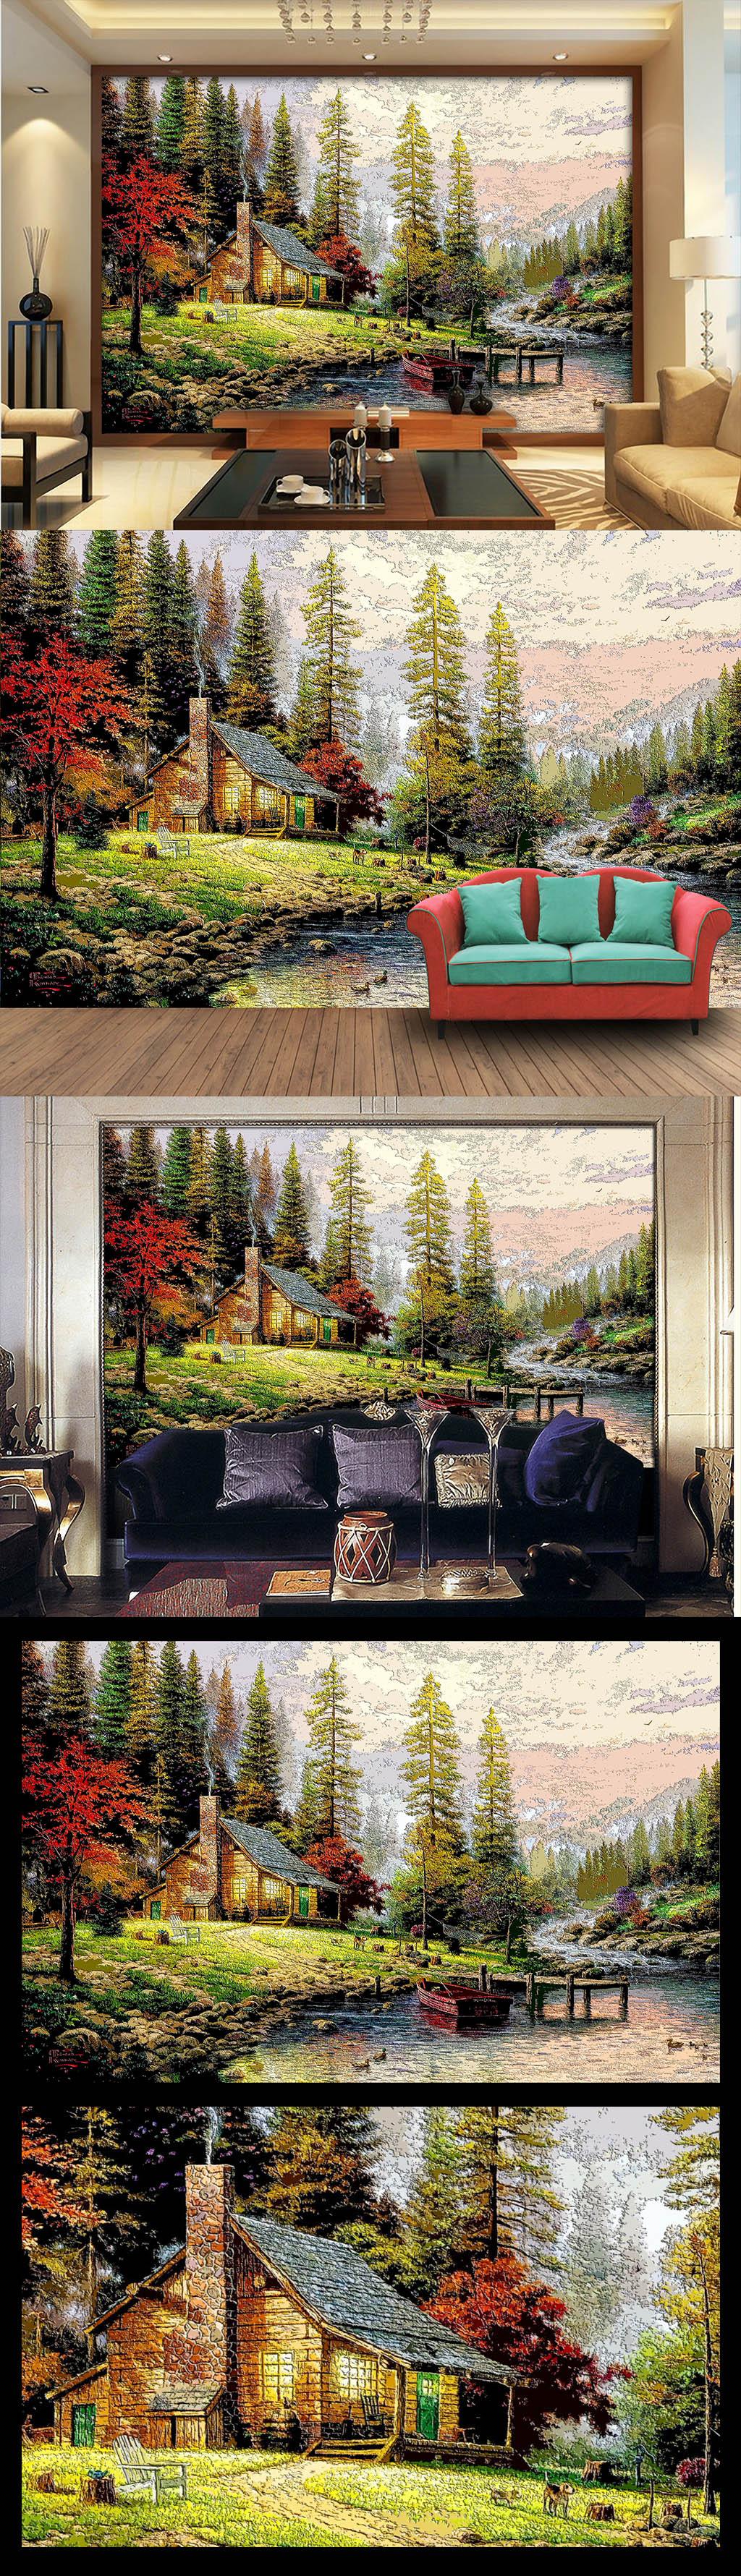 木雕木刻效果欧美乡村森林小屋油画电视墙